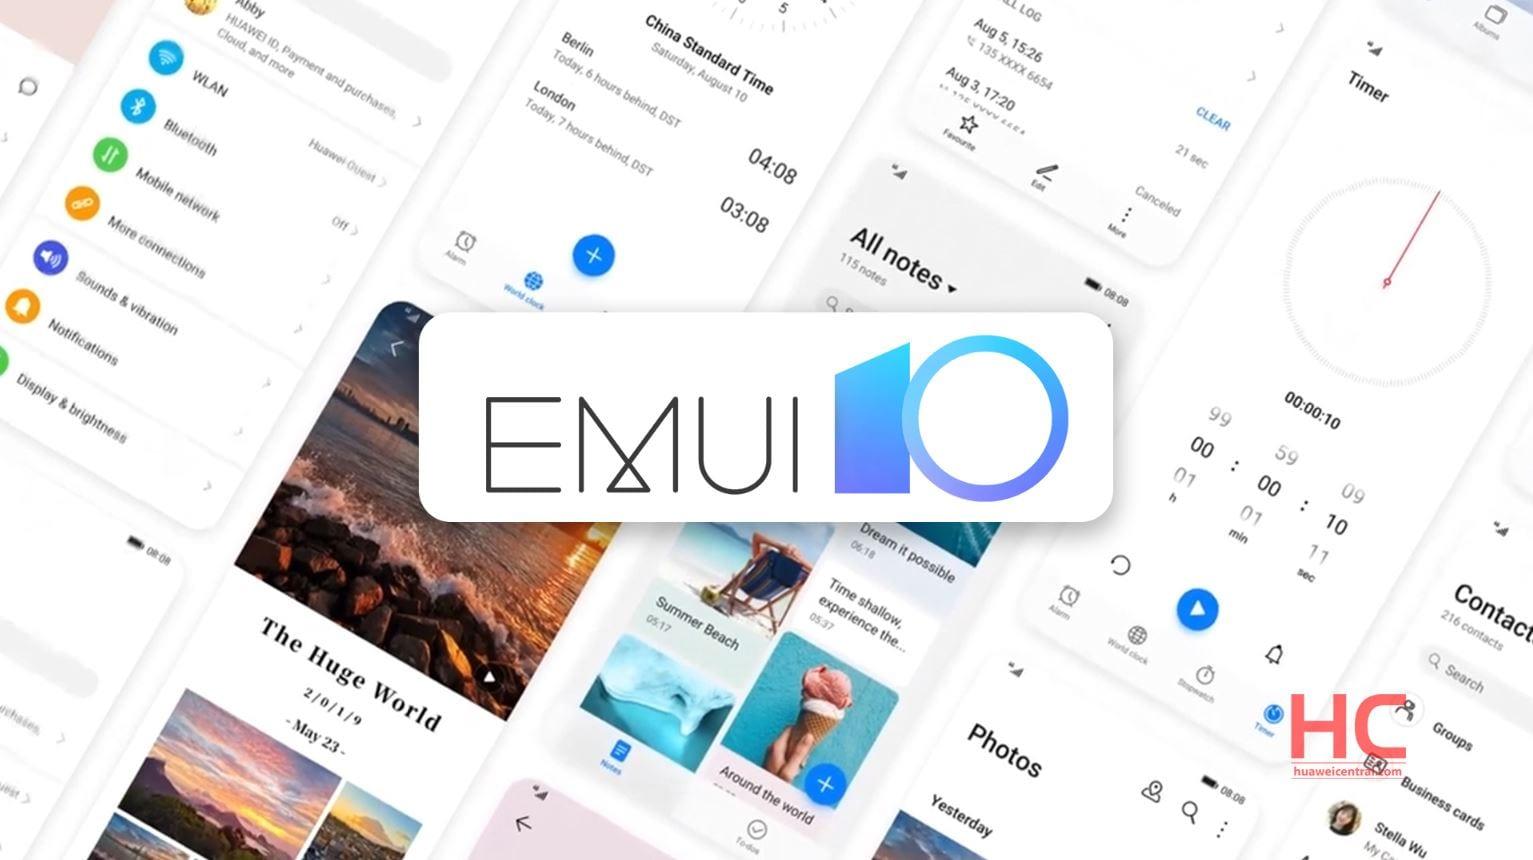 EMUI 10 stabile è sempre più vicina: Huawei P20 e Mate 10 la stanno ricevendo in Cina